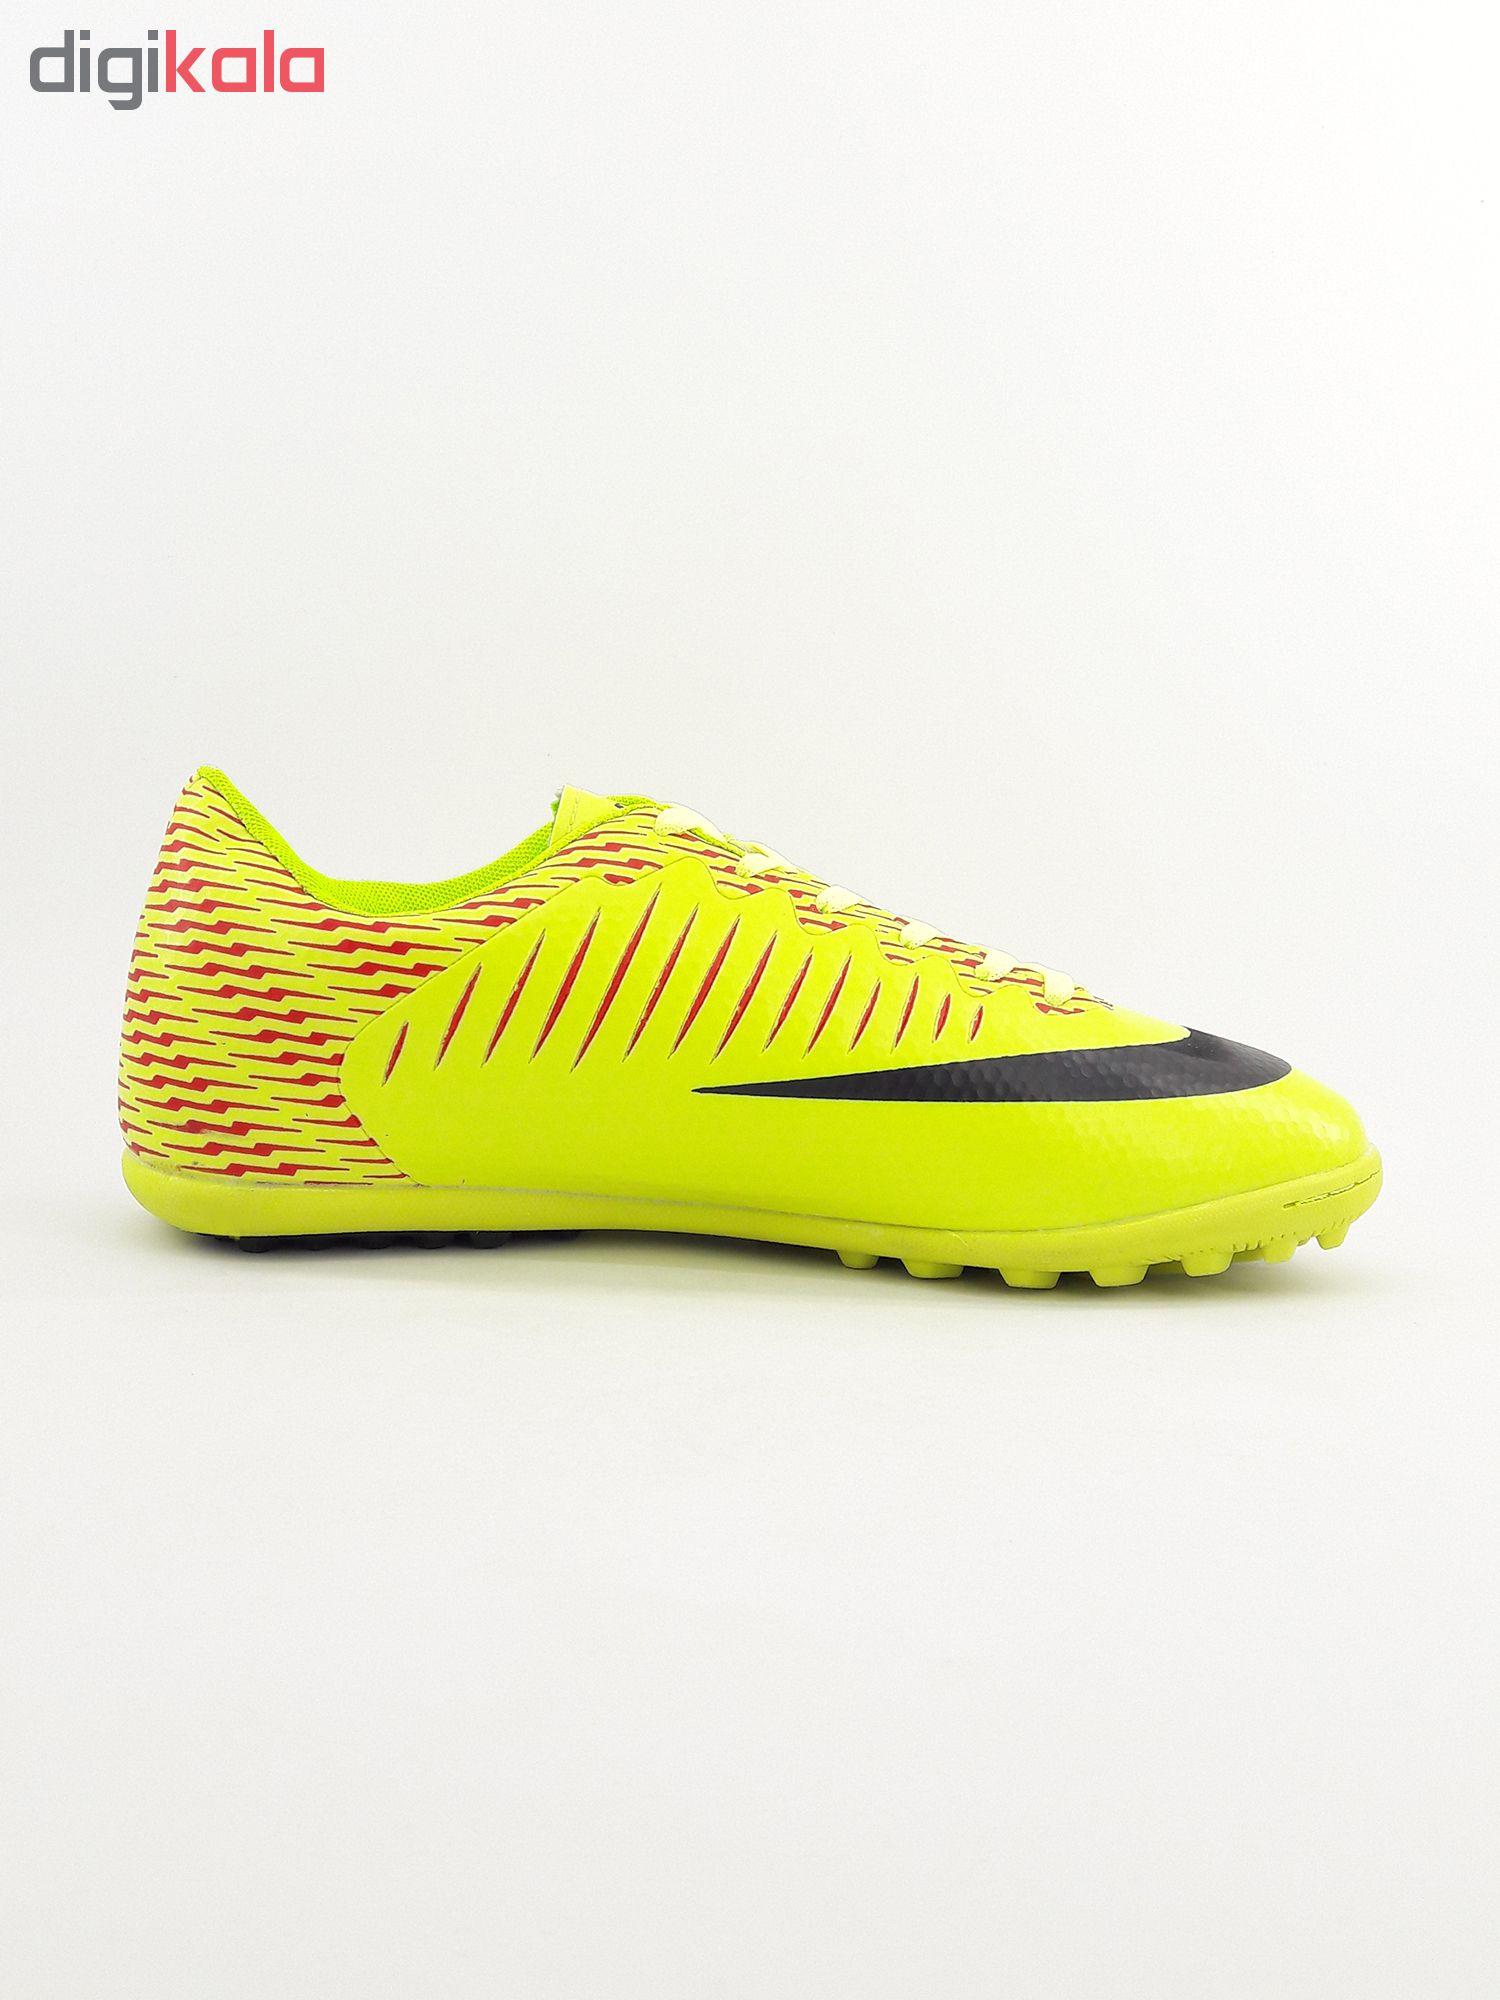 کفش فوتبال مردانه کینگ مدل Sky city 7 fsf001